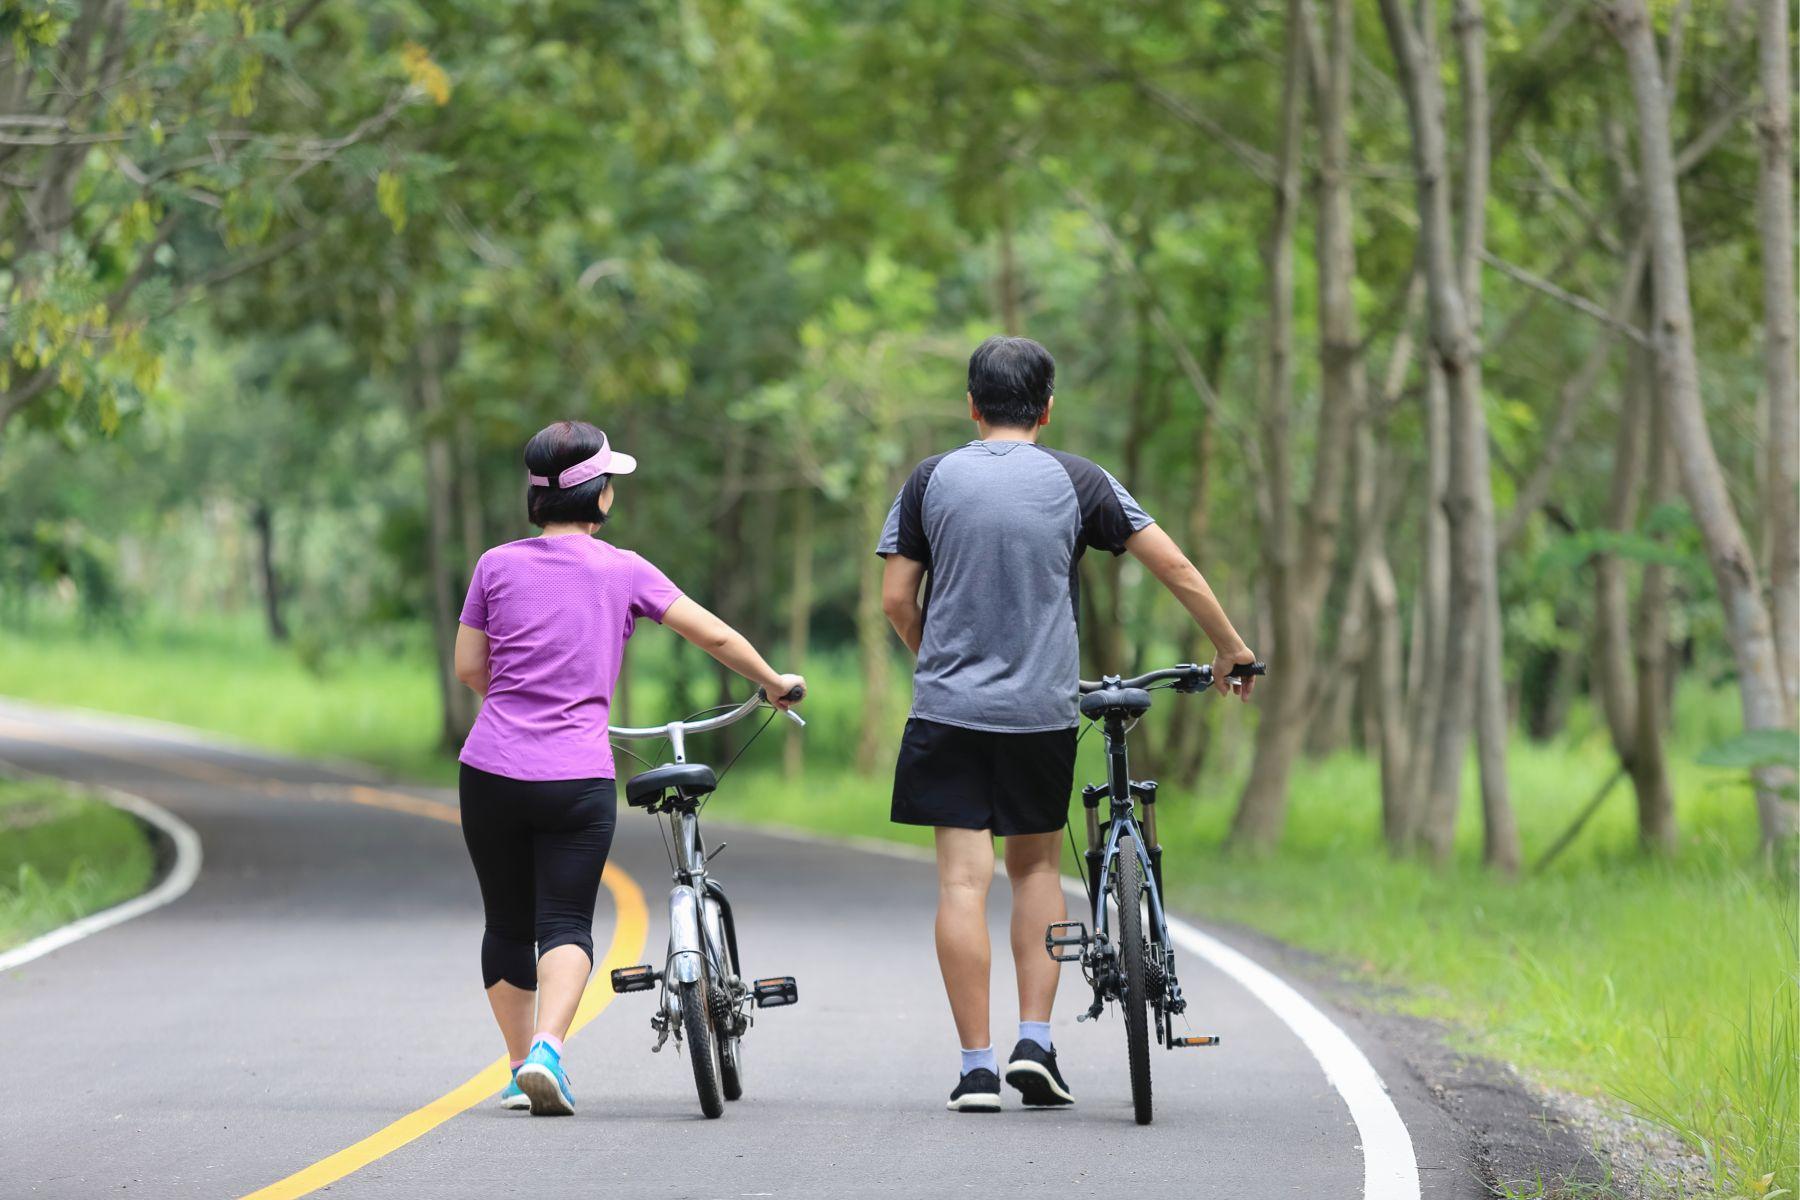 高血壓、高血糖易慢性發炎?肥胖身材快調整,可能致心肌梗塞、腦中風